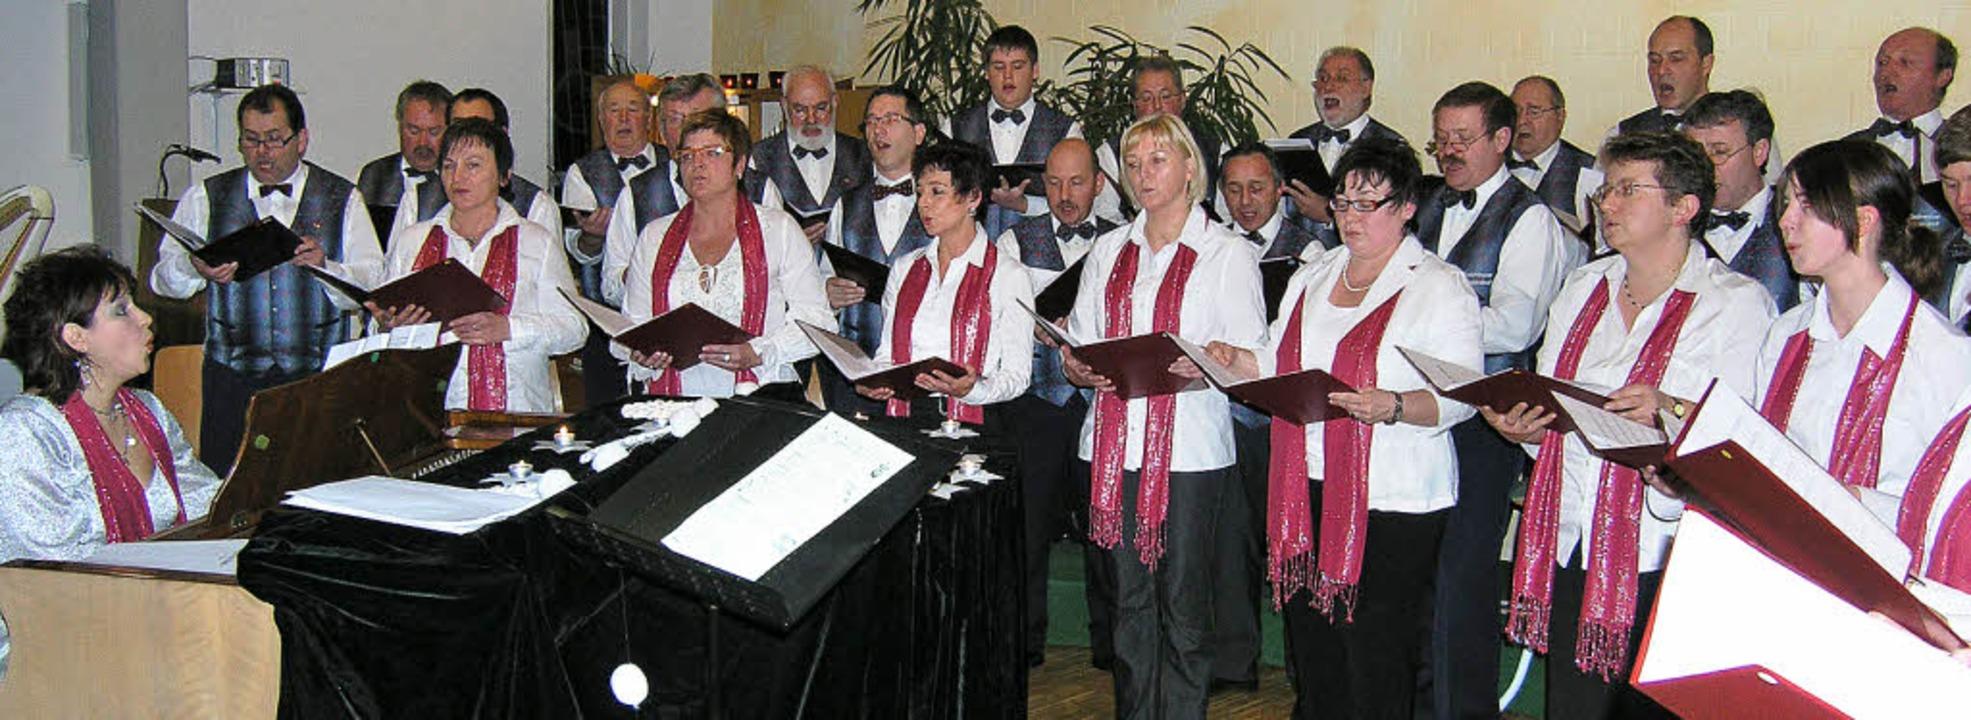 Kirchenkonzert in Wagenstadt: Chorleit...ia Grigorenko dirigiert vom Piano aus.    Foto: Michael Haberer